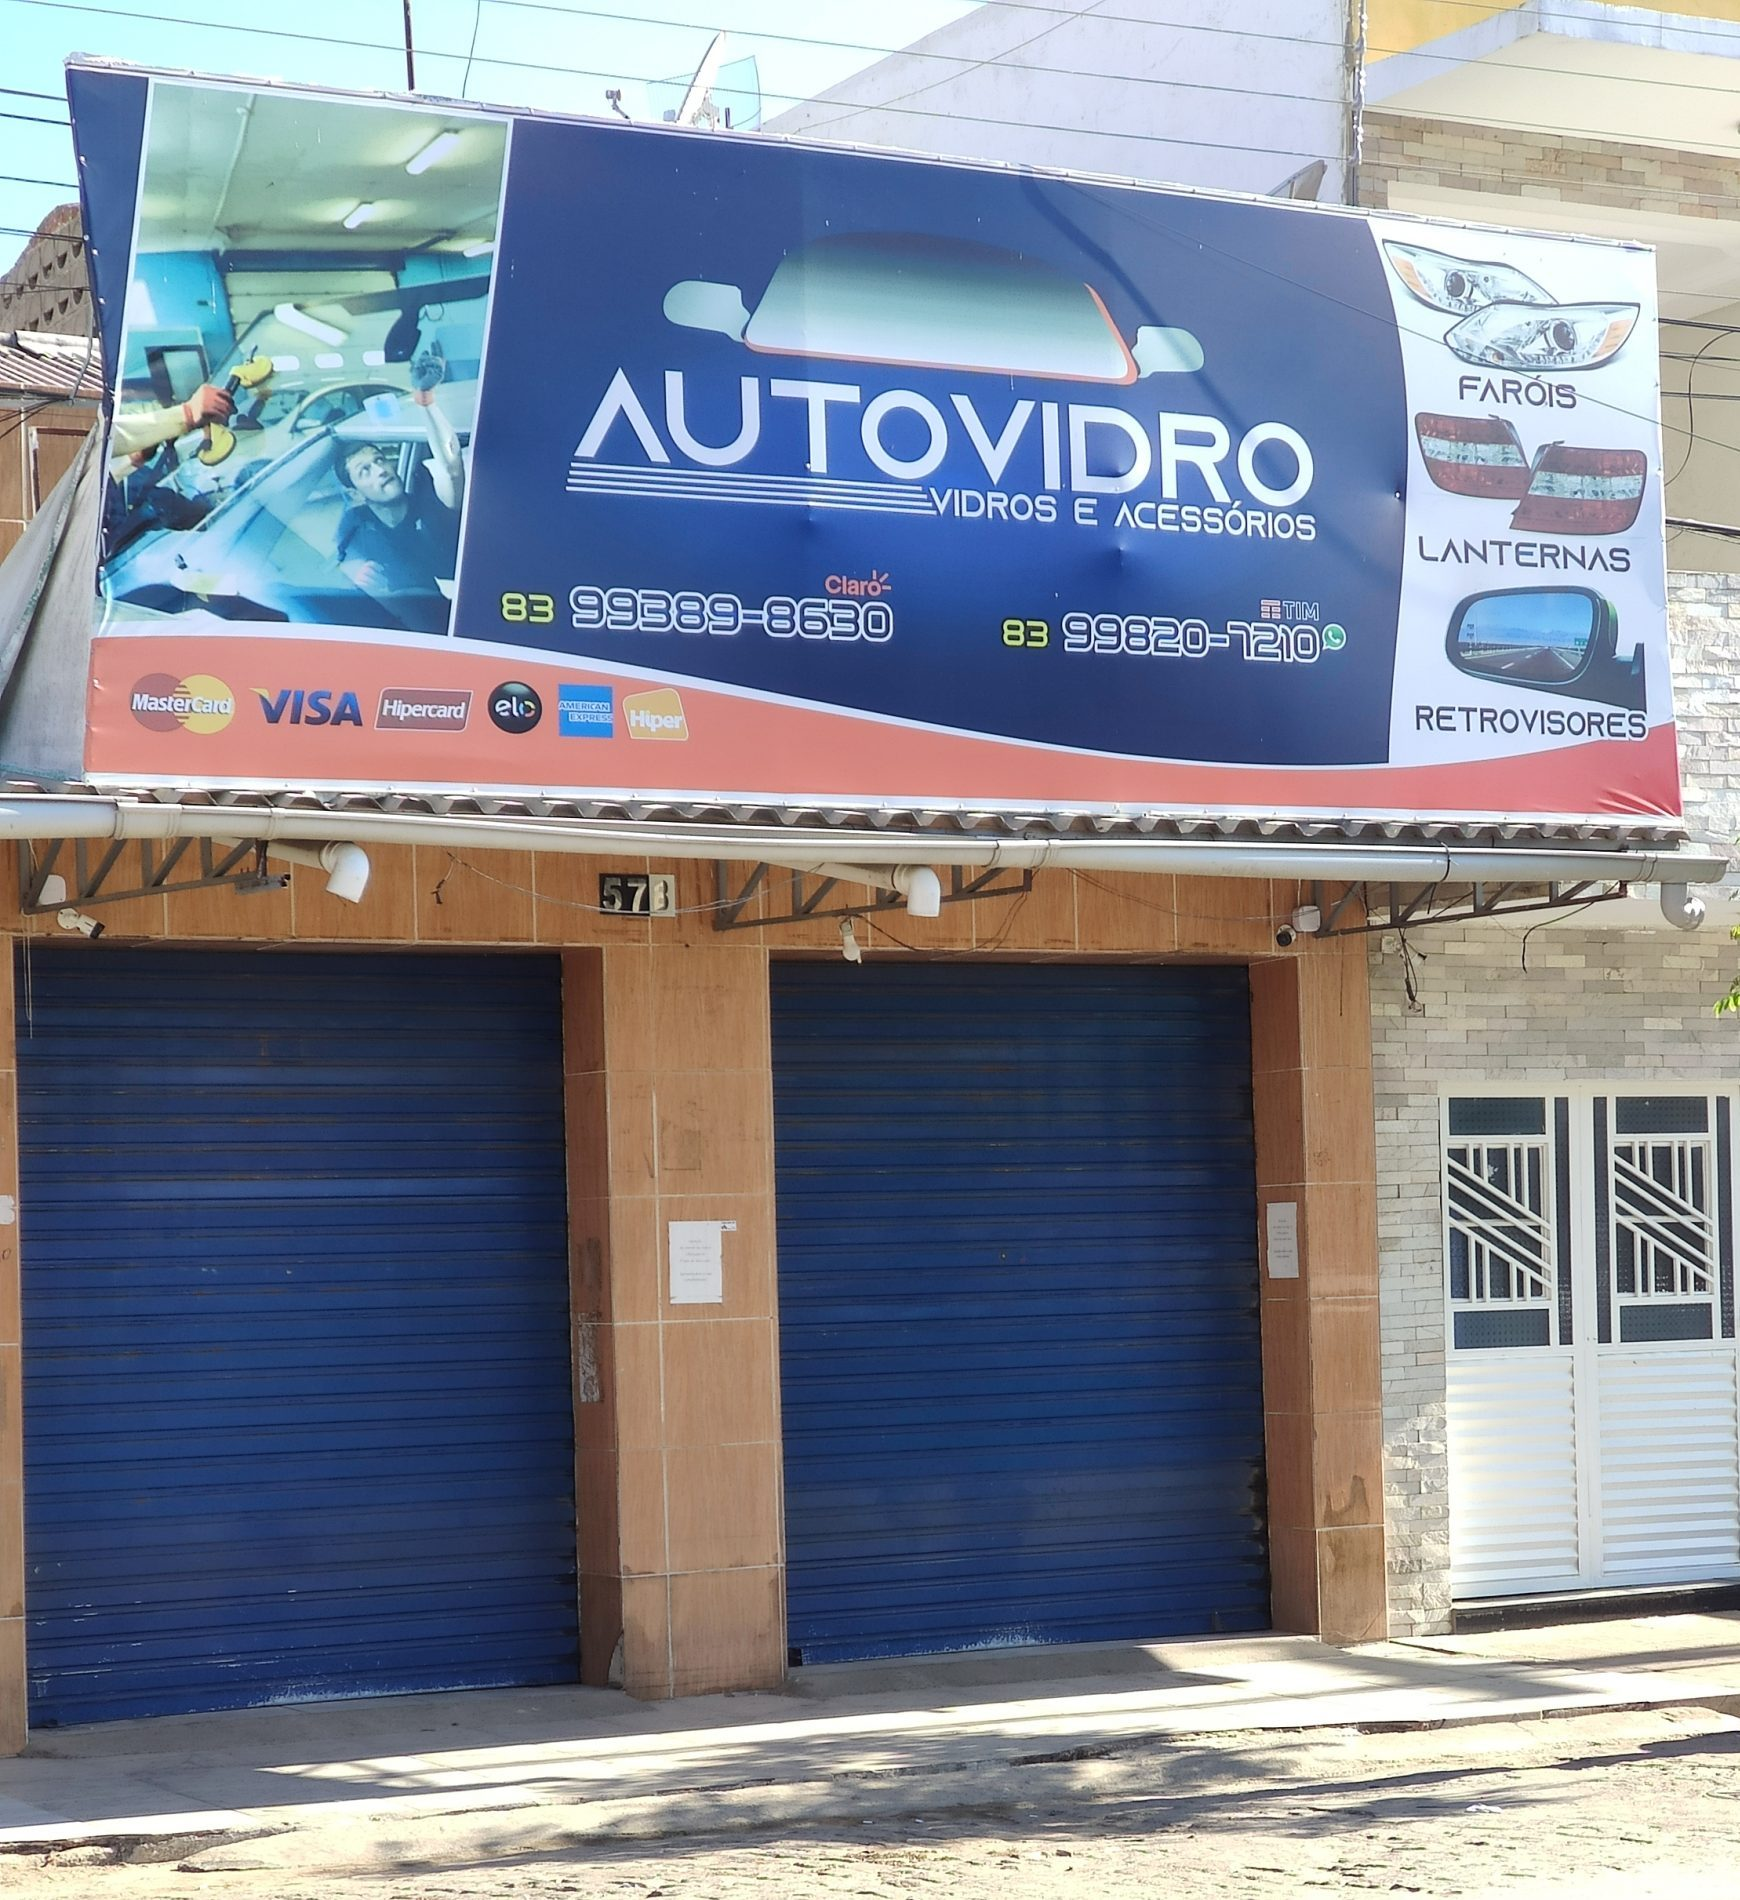 IMG_20210910_073736-scaled-e1631439620528 Em Monteiro: Vidros e Acessórios Automotivos você encontra na Auto Vidro